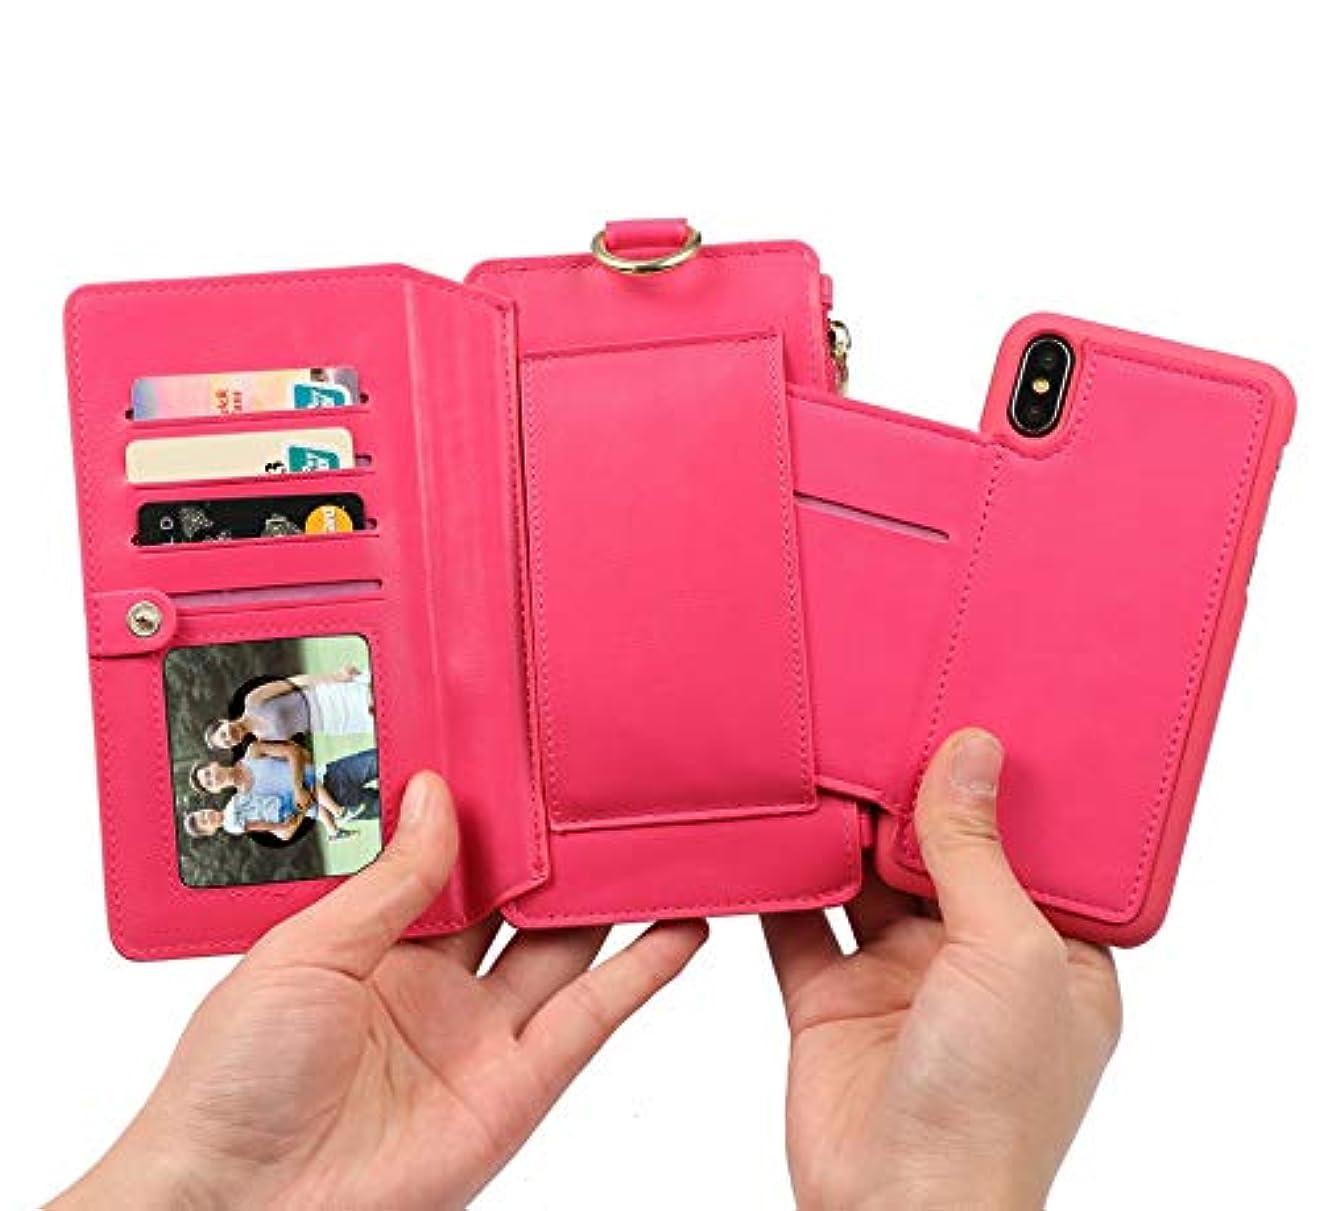 なんでも立場愛情深いiPhone 8 Plus パソコンExit包保護套 - 折りたたみ保護袖 - 立ちブラケット-ビジネススタイル-全身保護-内殻金属リング-12札入れ-相枠-取り外し可能な電話ケース財布 5.5インチiPhone 7 Plus...